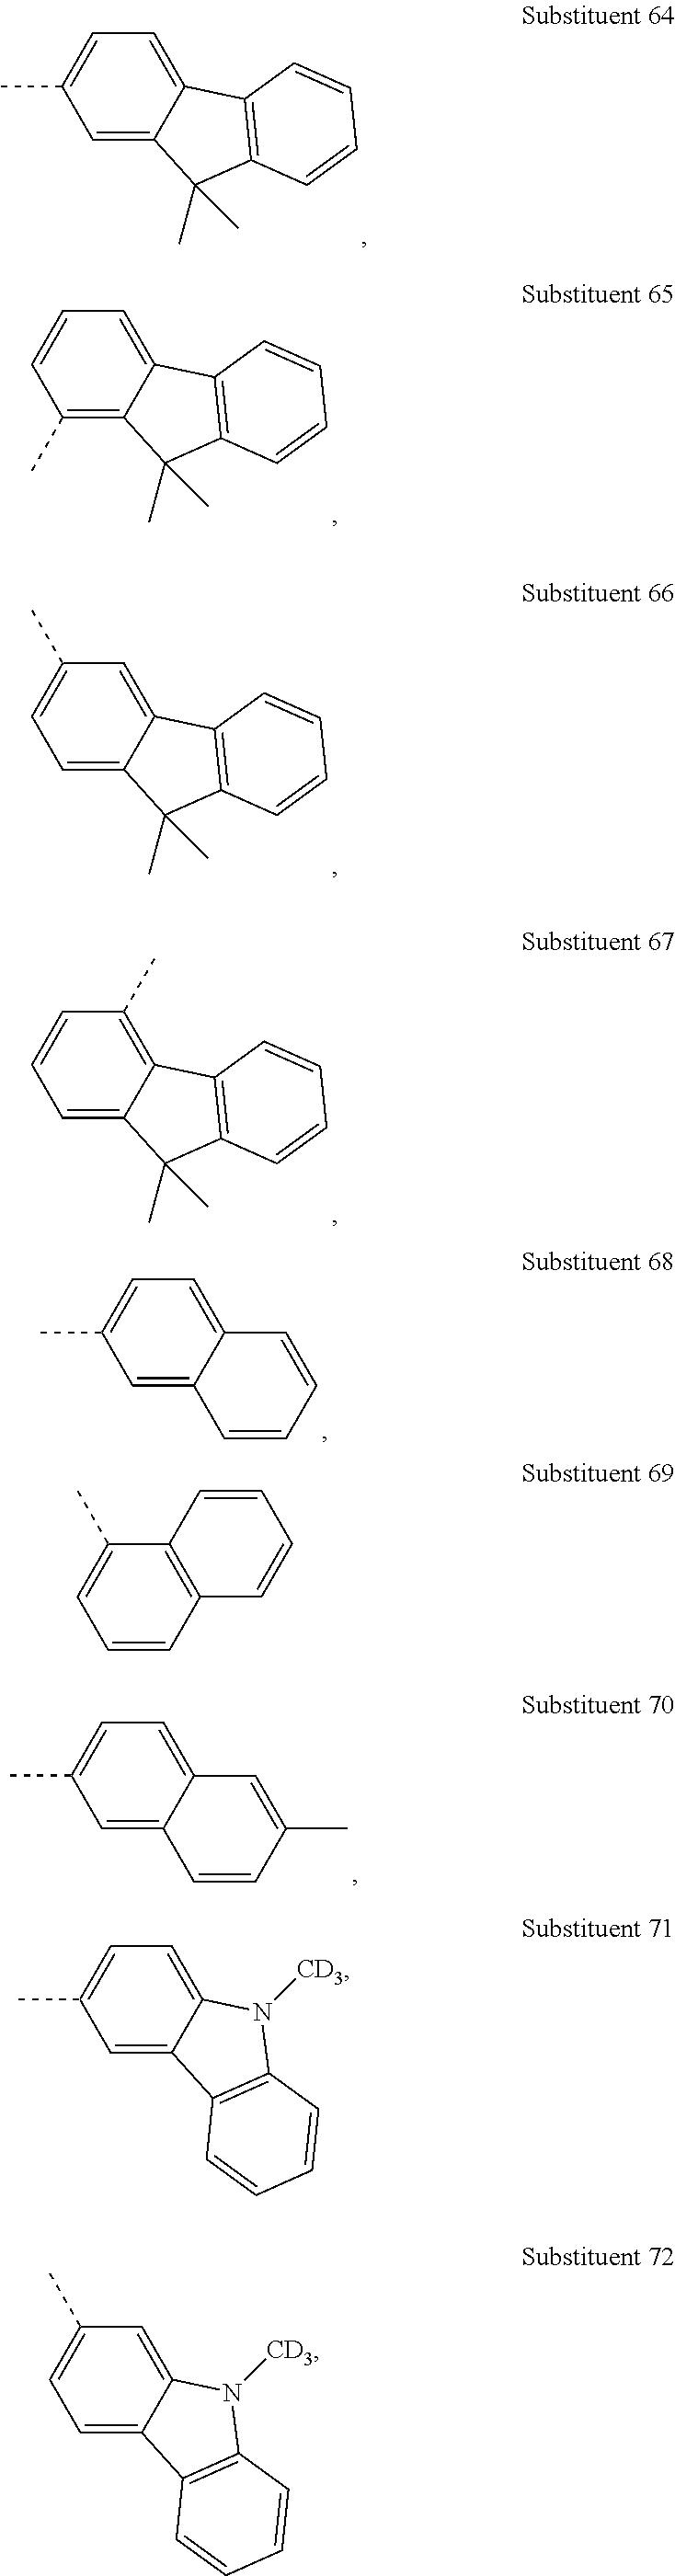 Figure US20170365801A1-20171221-C00021